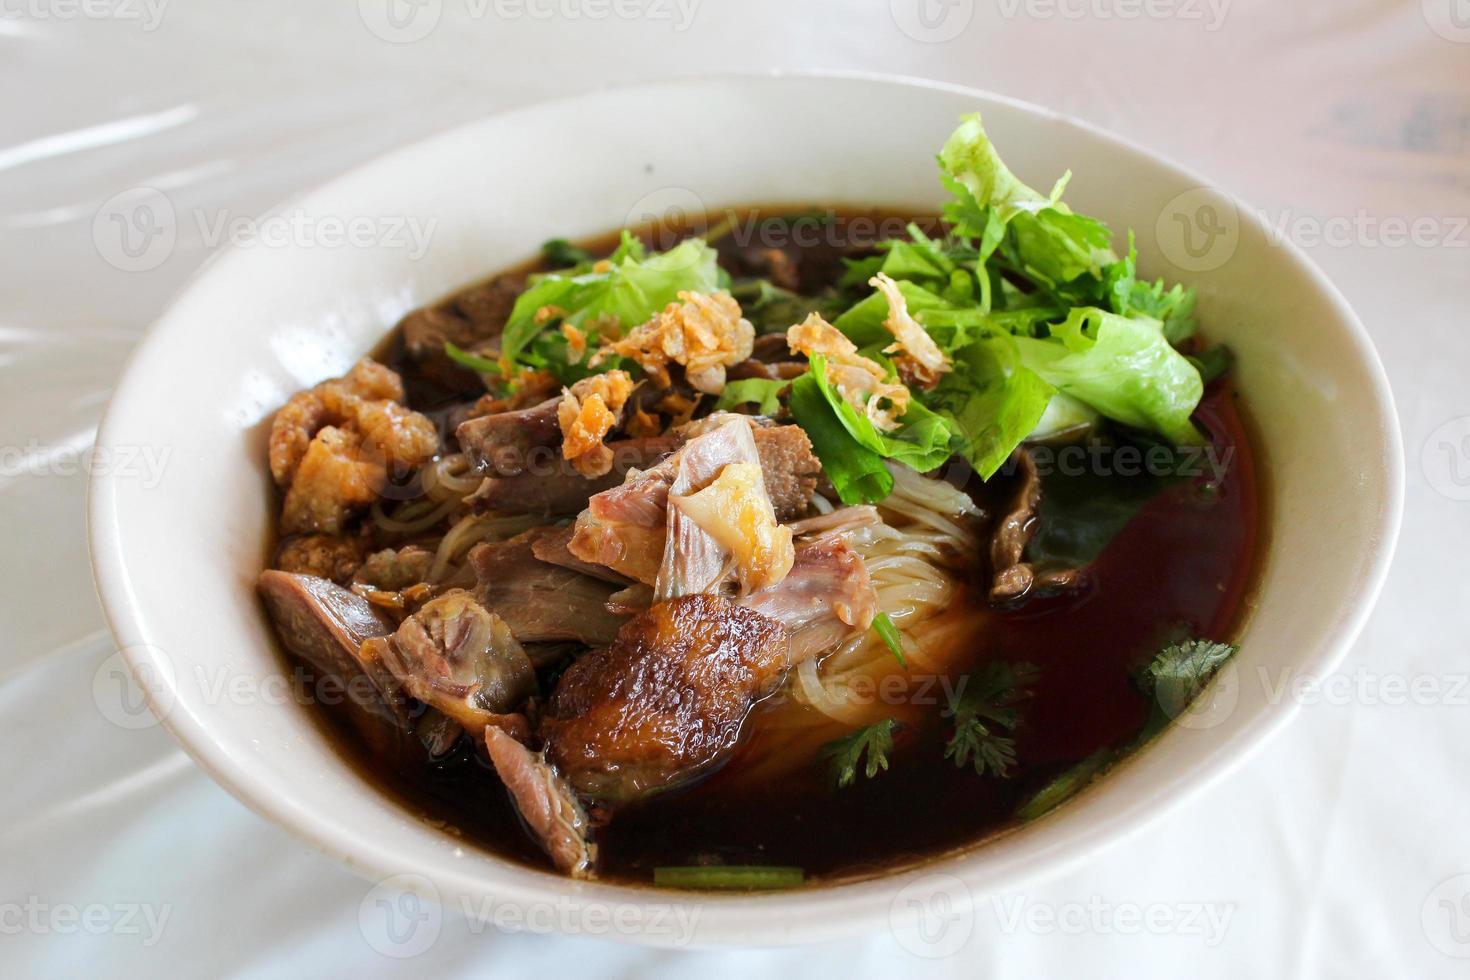 sopa de fideos tailandeses foto